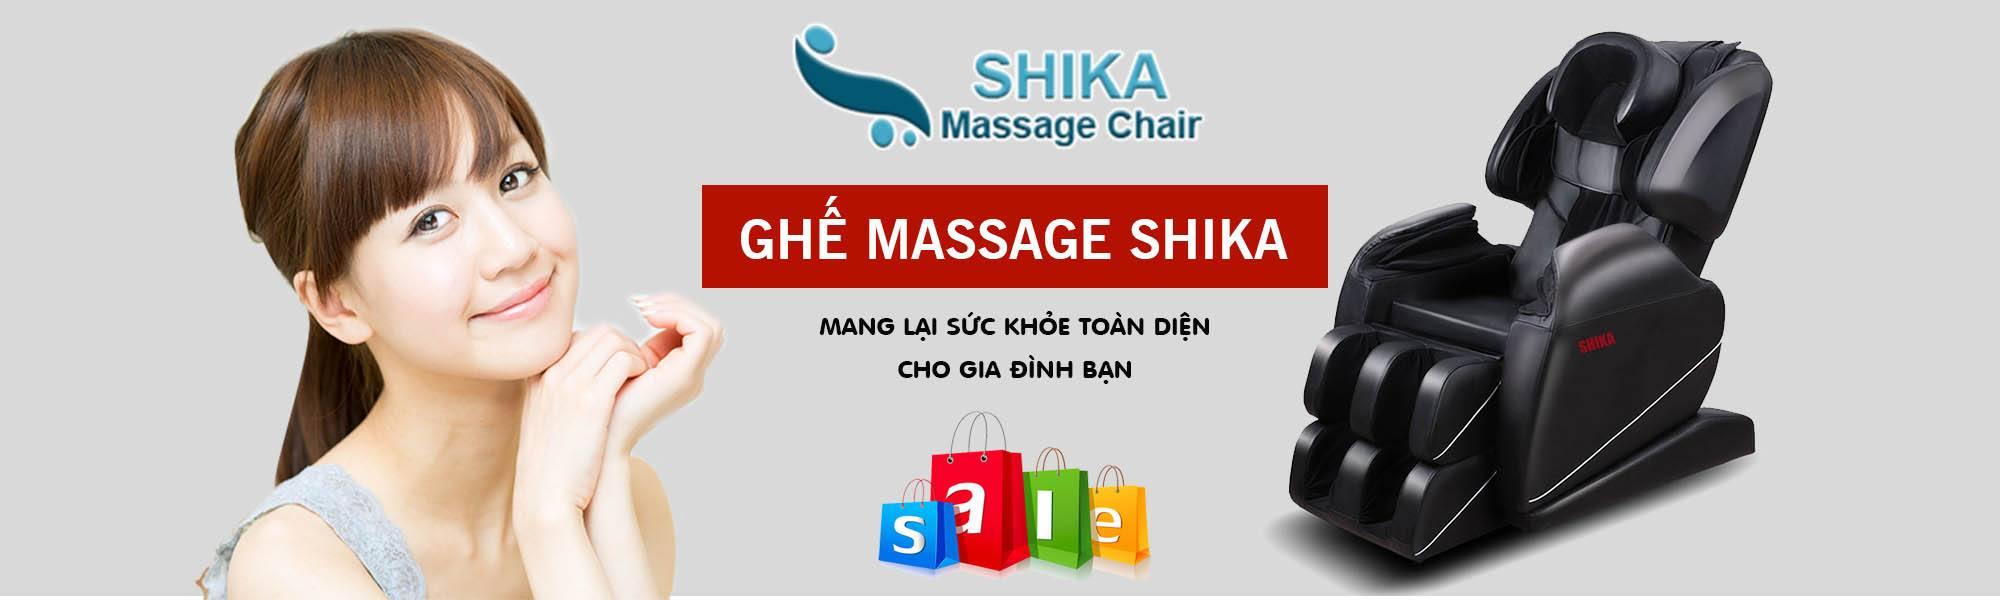 bán ghế massage shika ở sài gòn